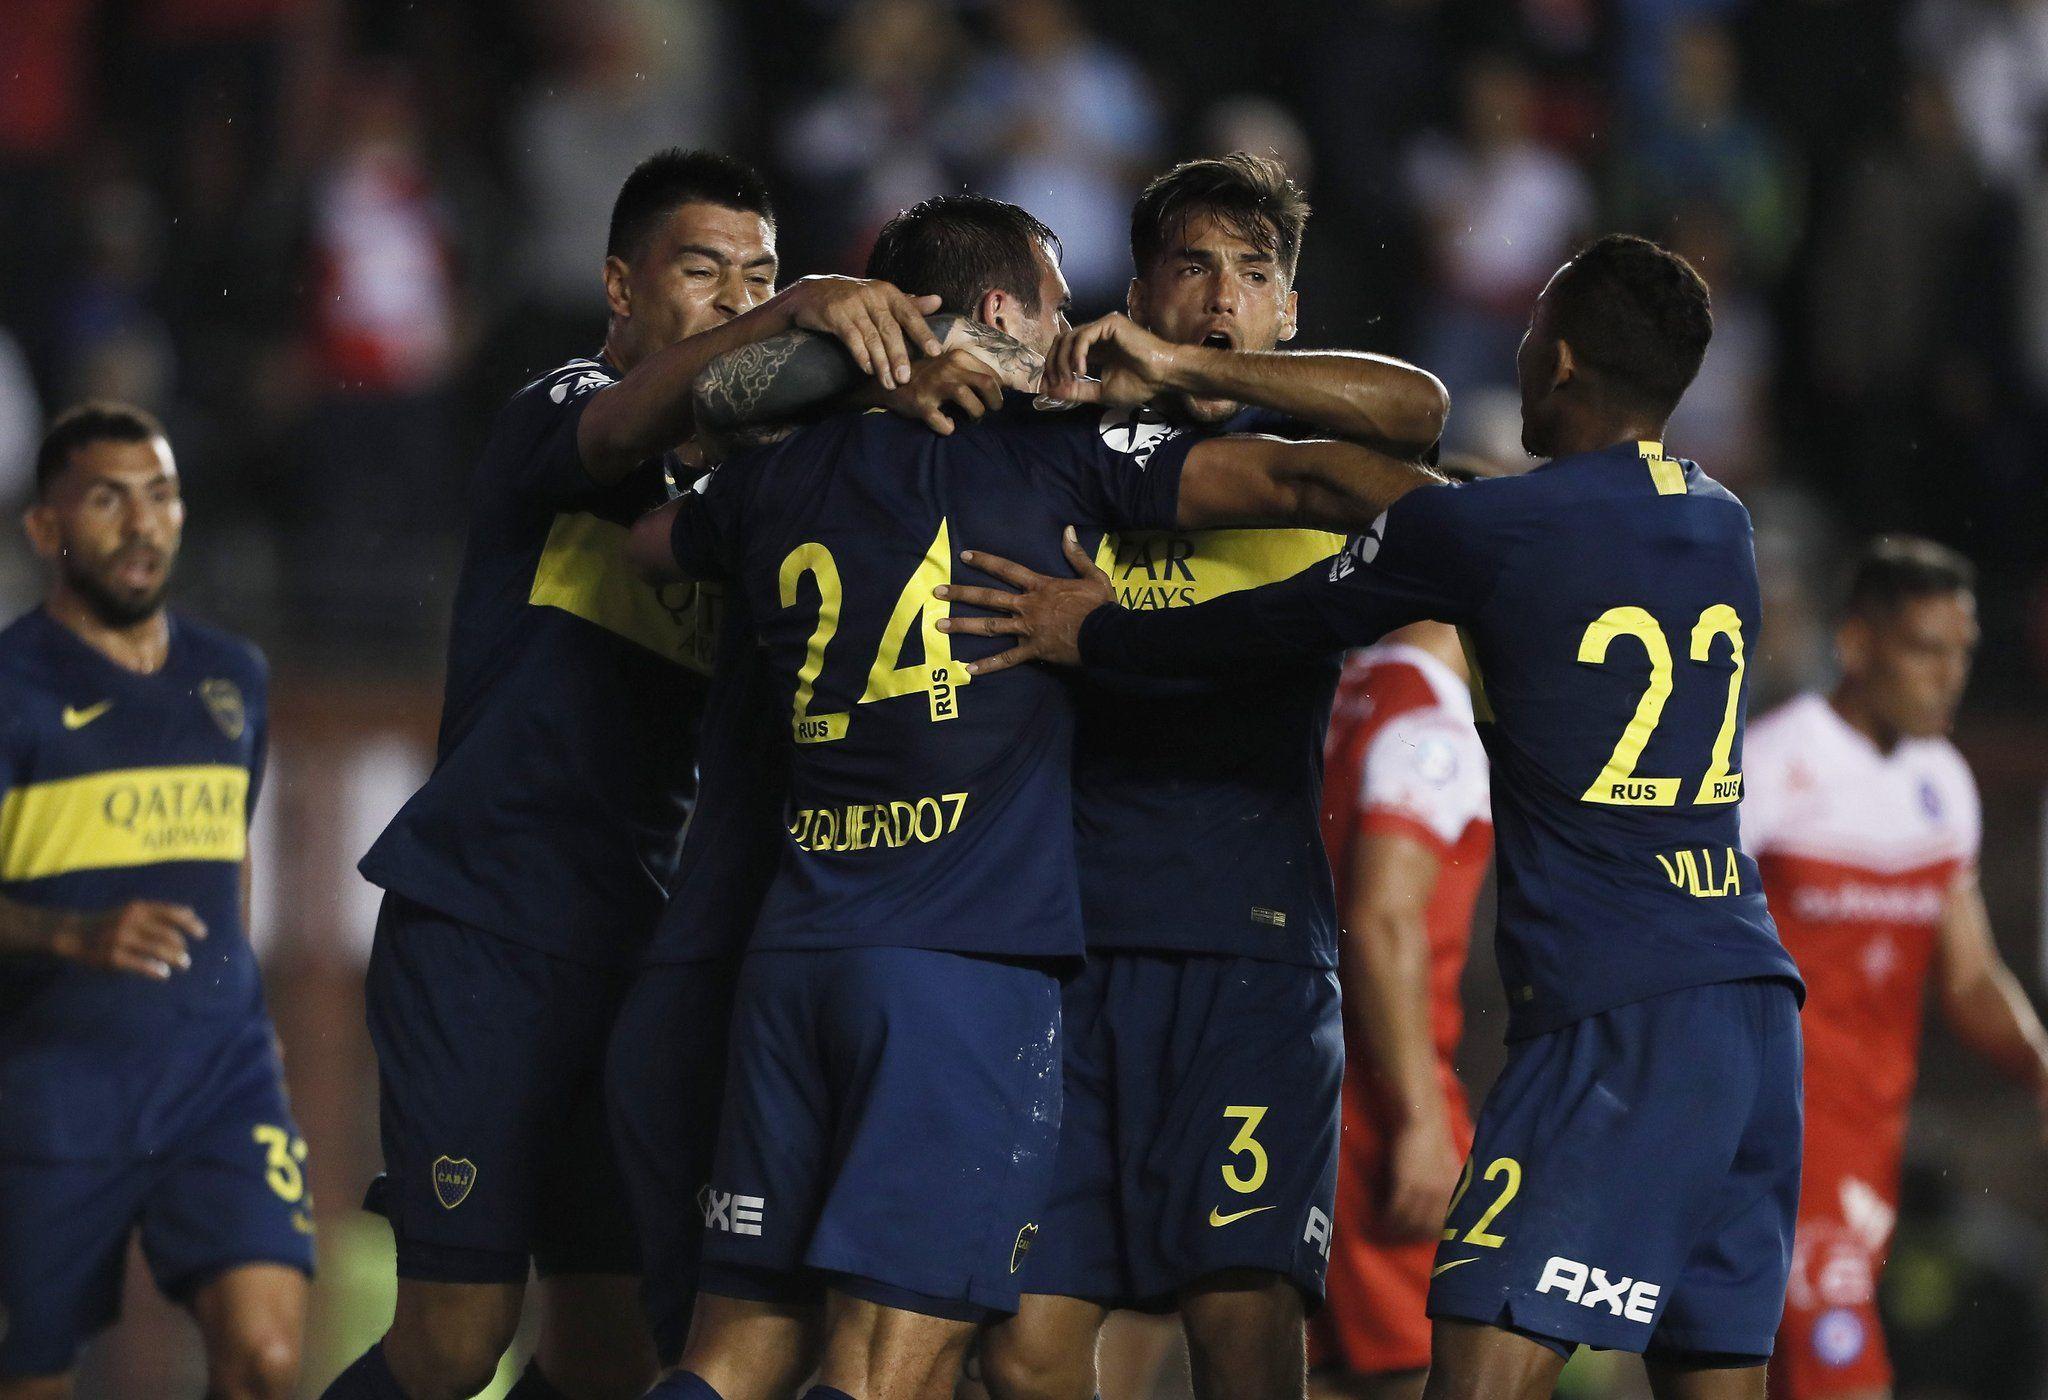 Gol de Izquierdoz en Boca - Crédito: @BocaJrsOficial